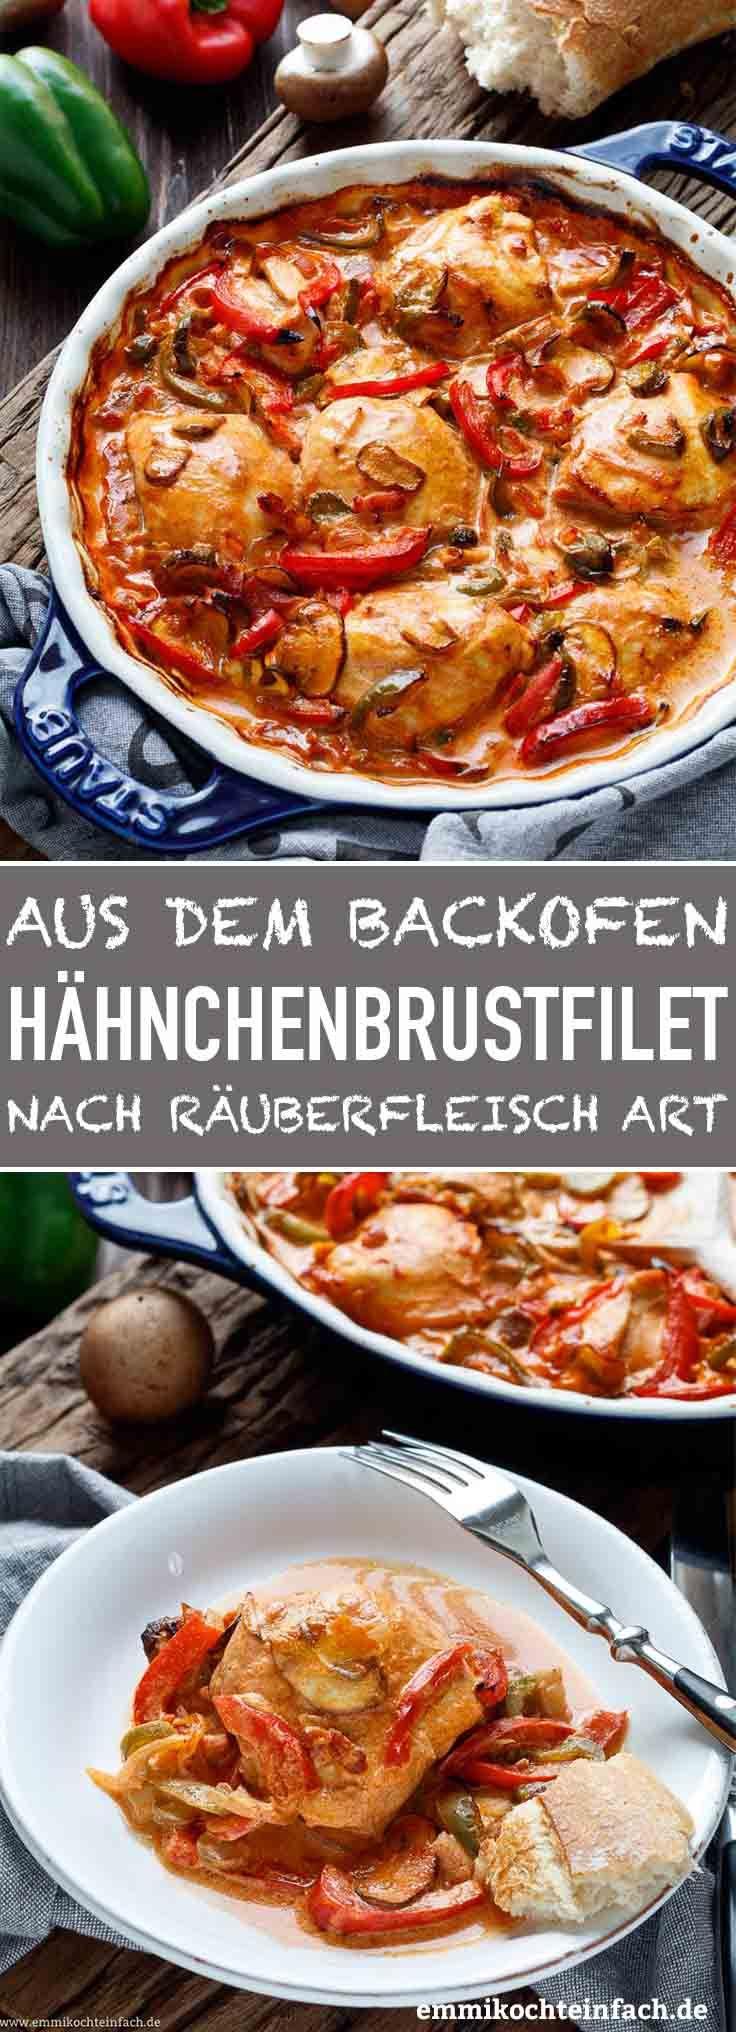 Photo of Deftige Hähnchenbrustfilets nach Räuberfleisch-Art – emmikochteinfach